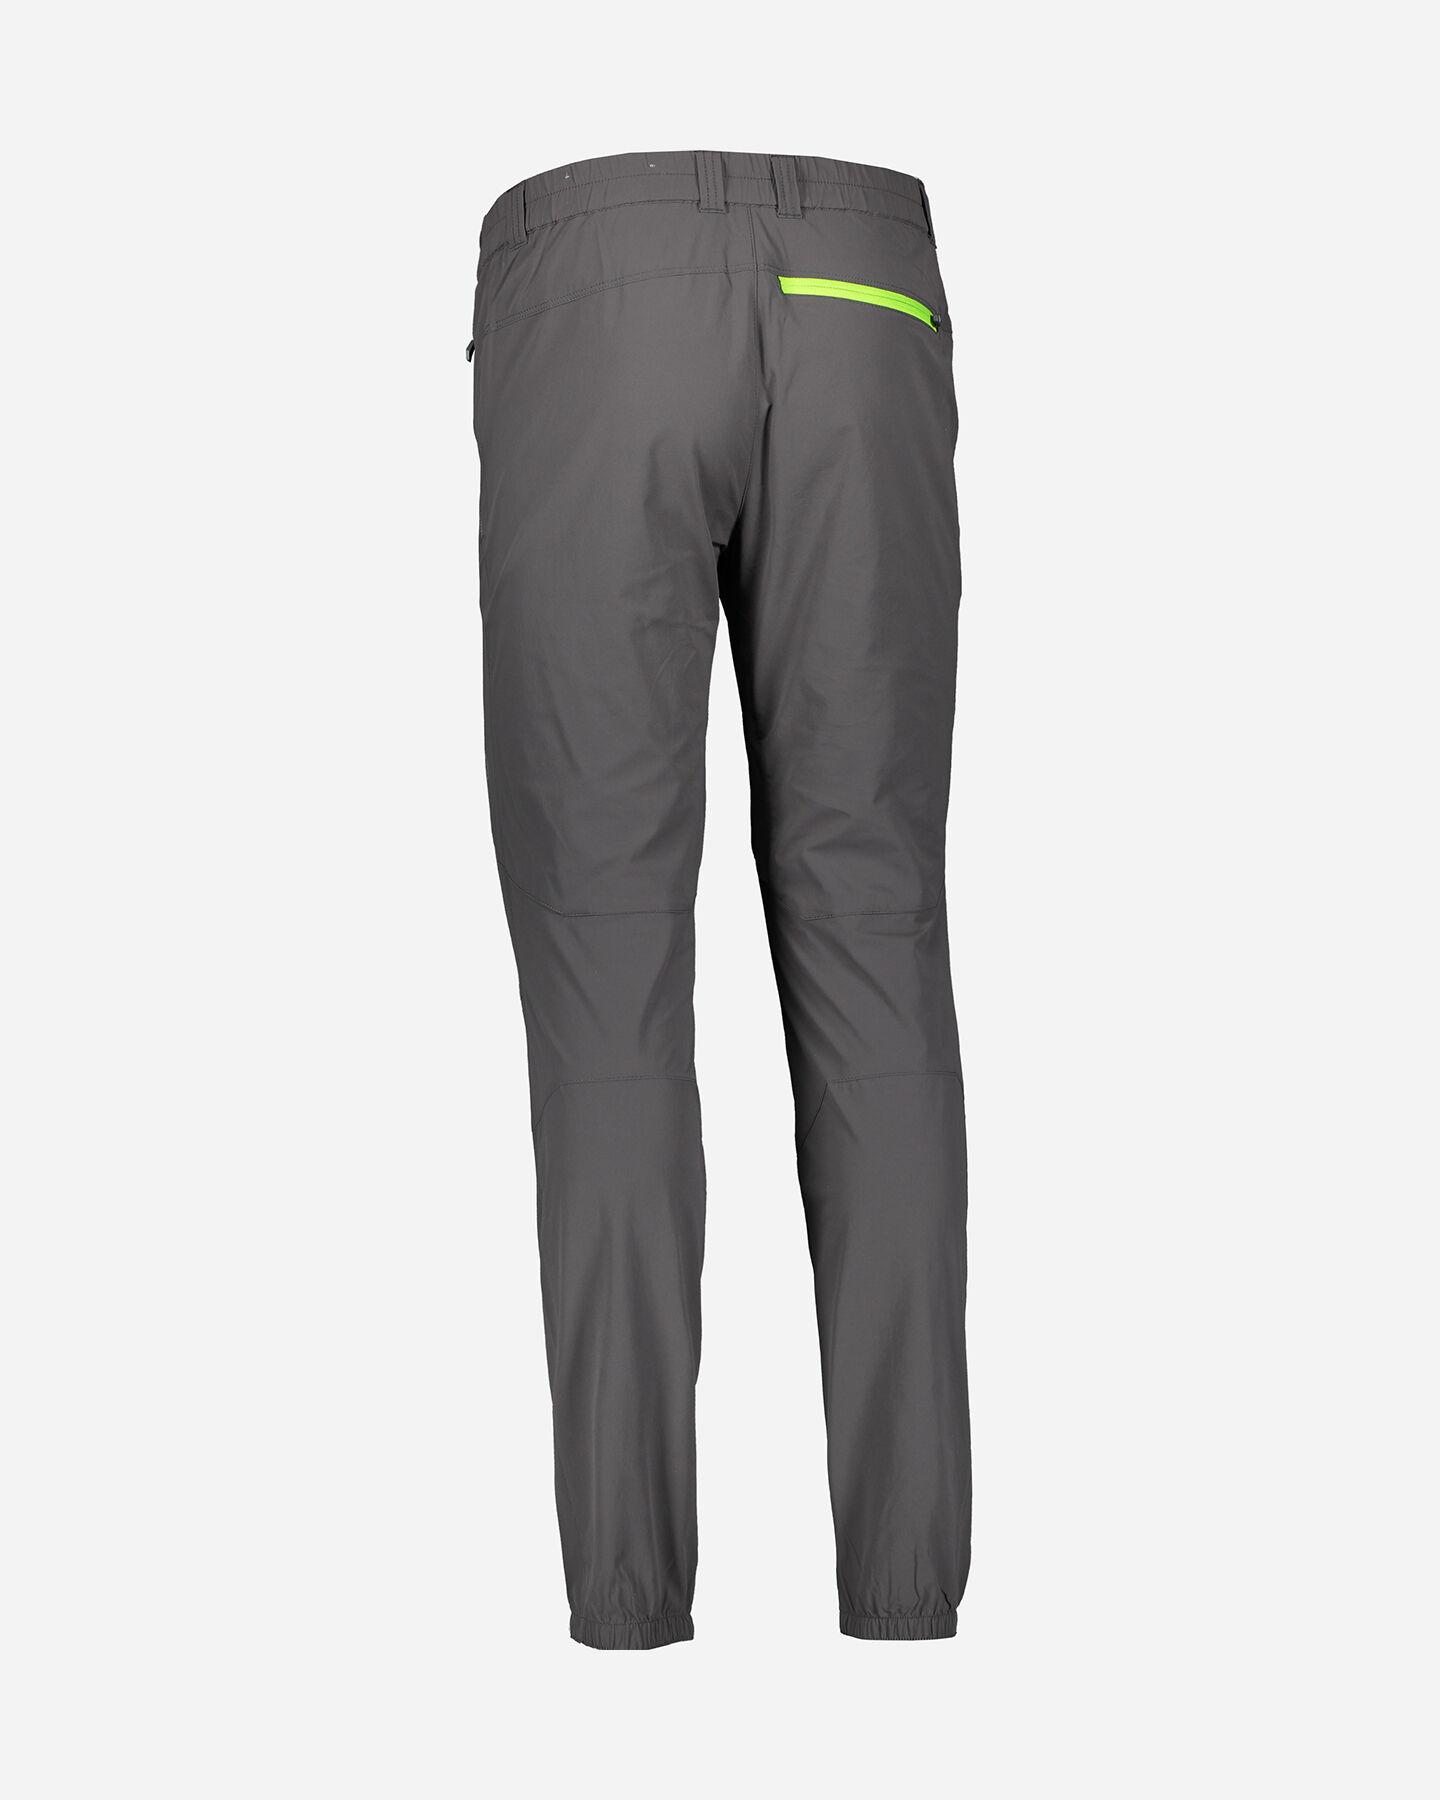 Pantalone outdoor MCKINLEY BEIRA LT M S5158991 scatto 2